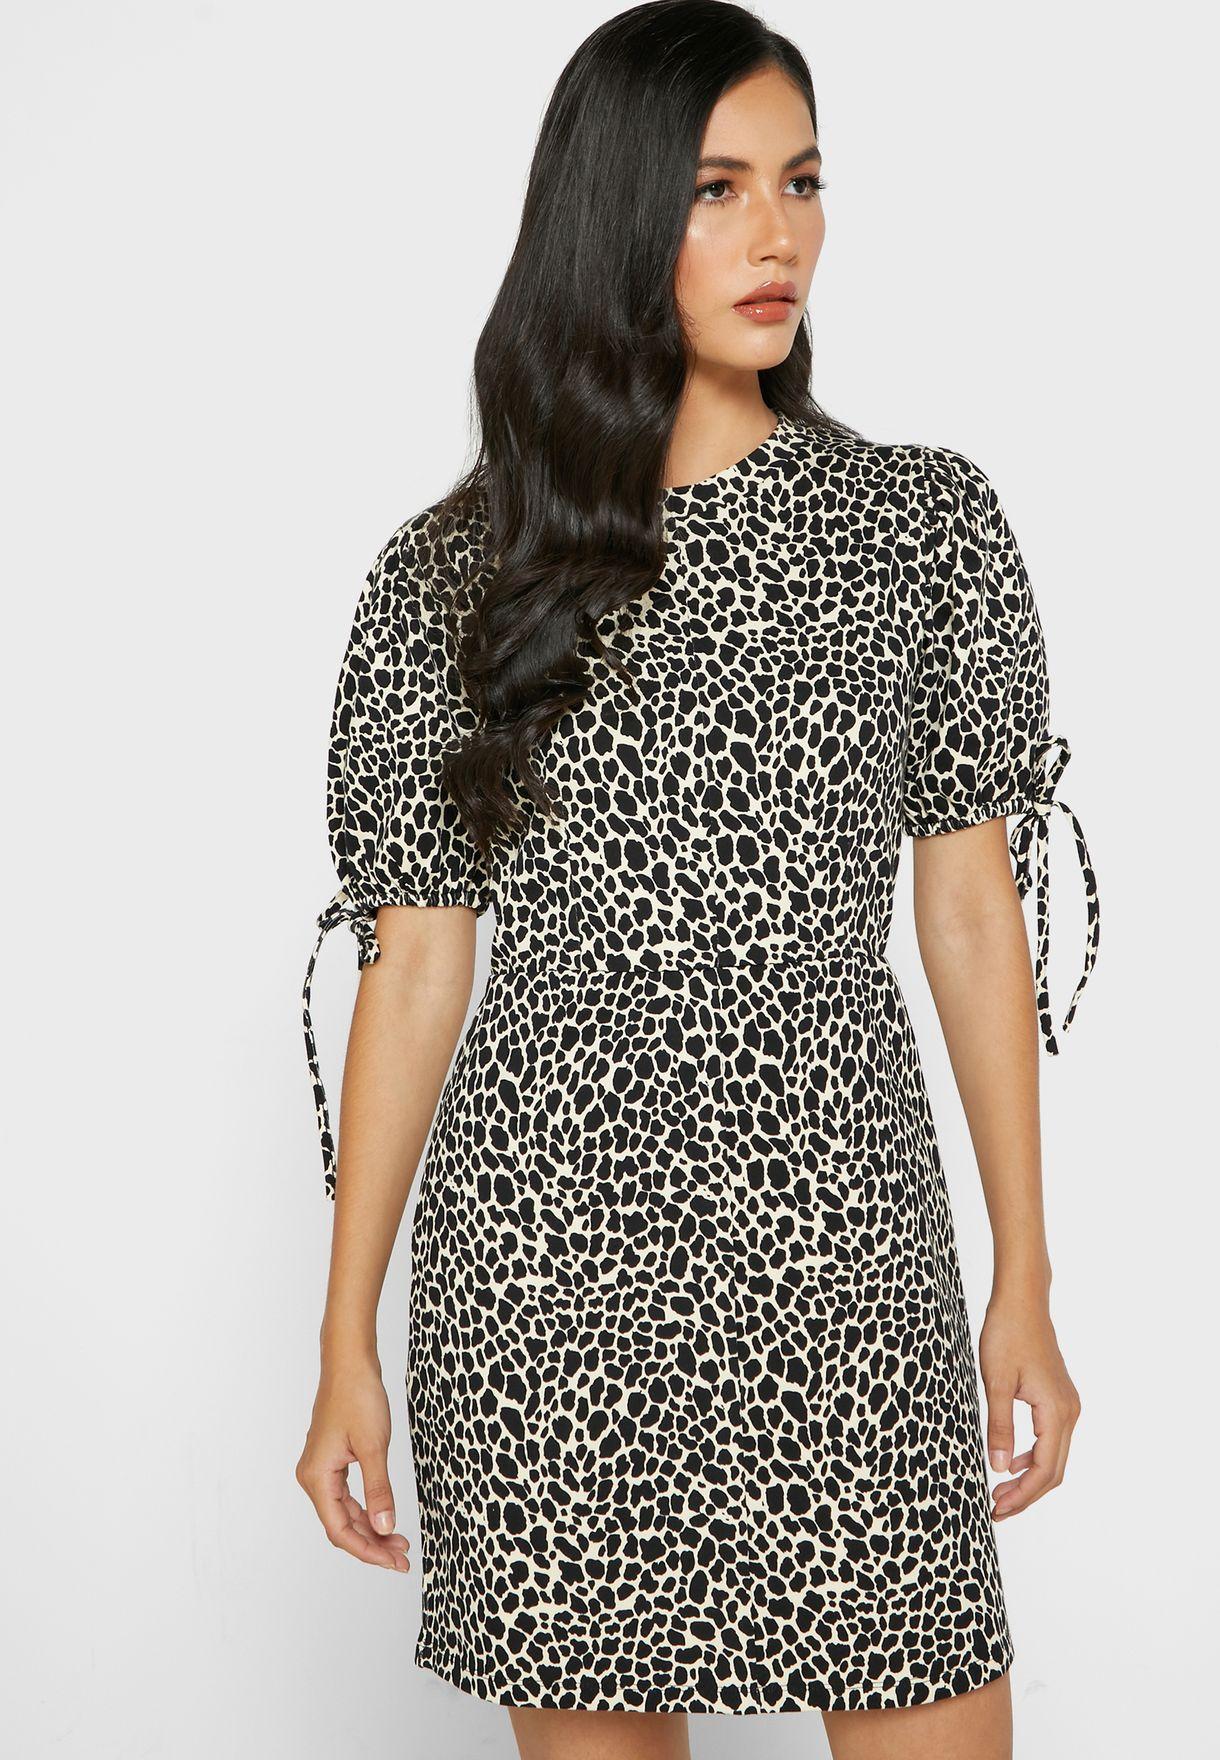 فستان بطباعة جلد حيوان